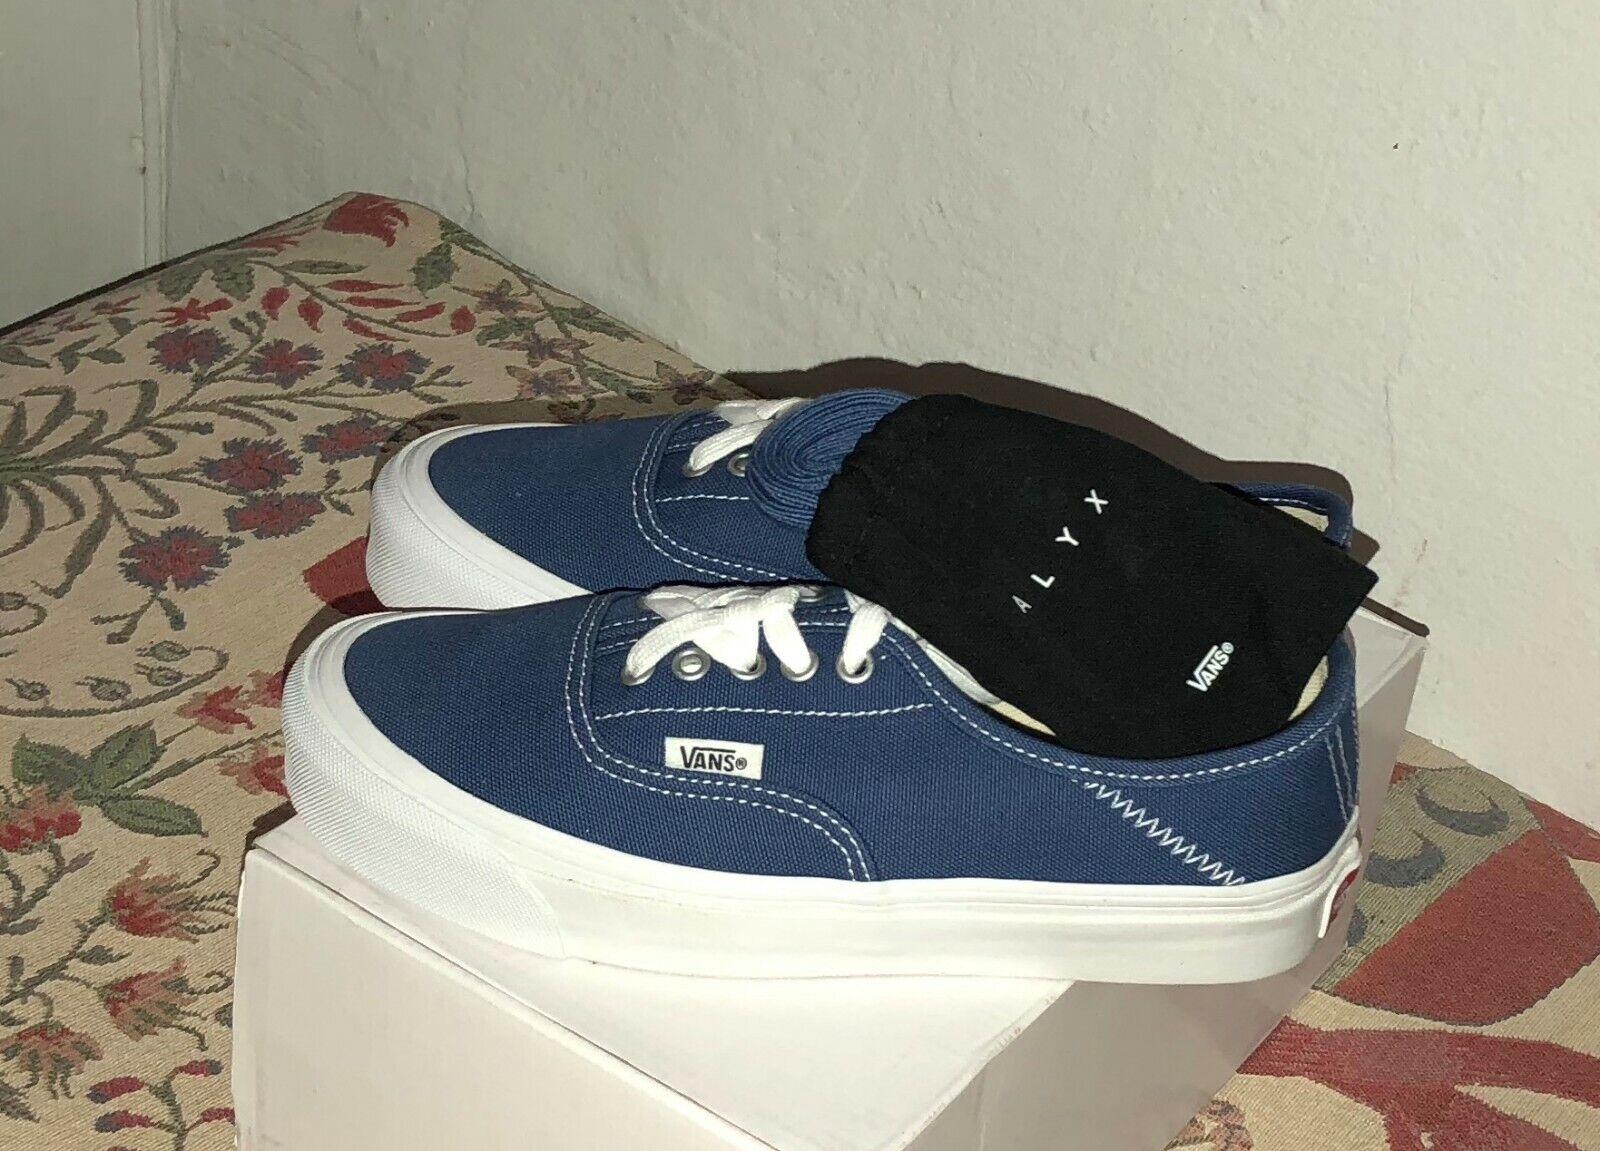 Vans Vault ALYX ALYX ALYX OG Style 43 LX True bluee White Sz 7 Mens = 8.5 Women's Brand New 914c80